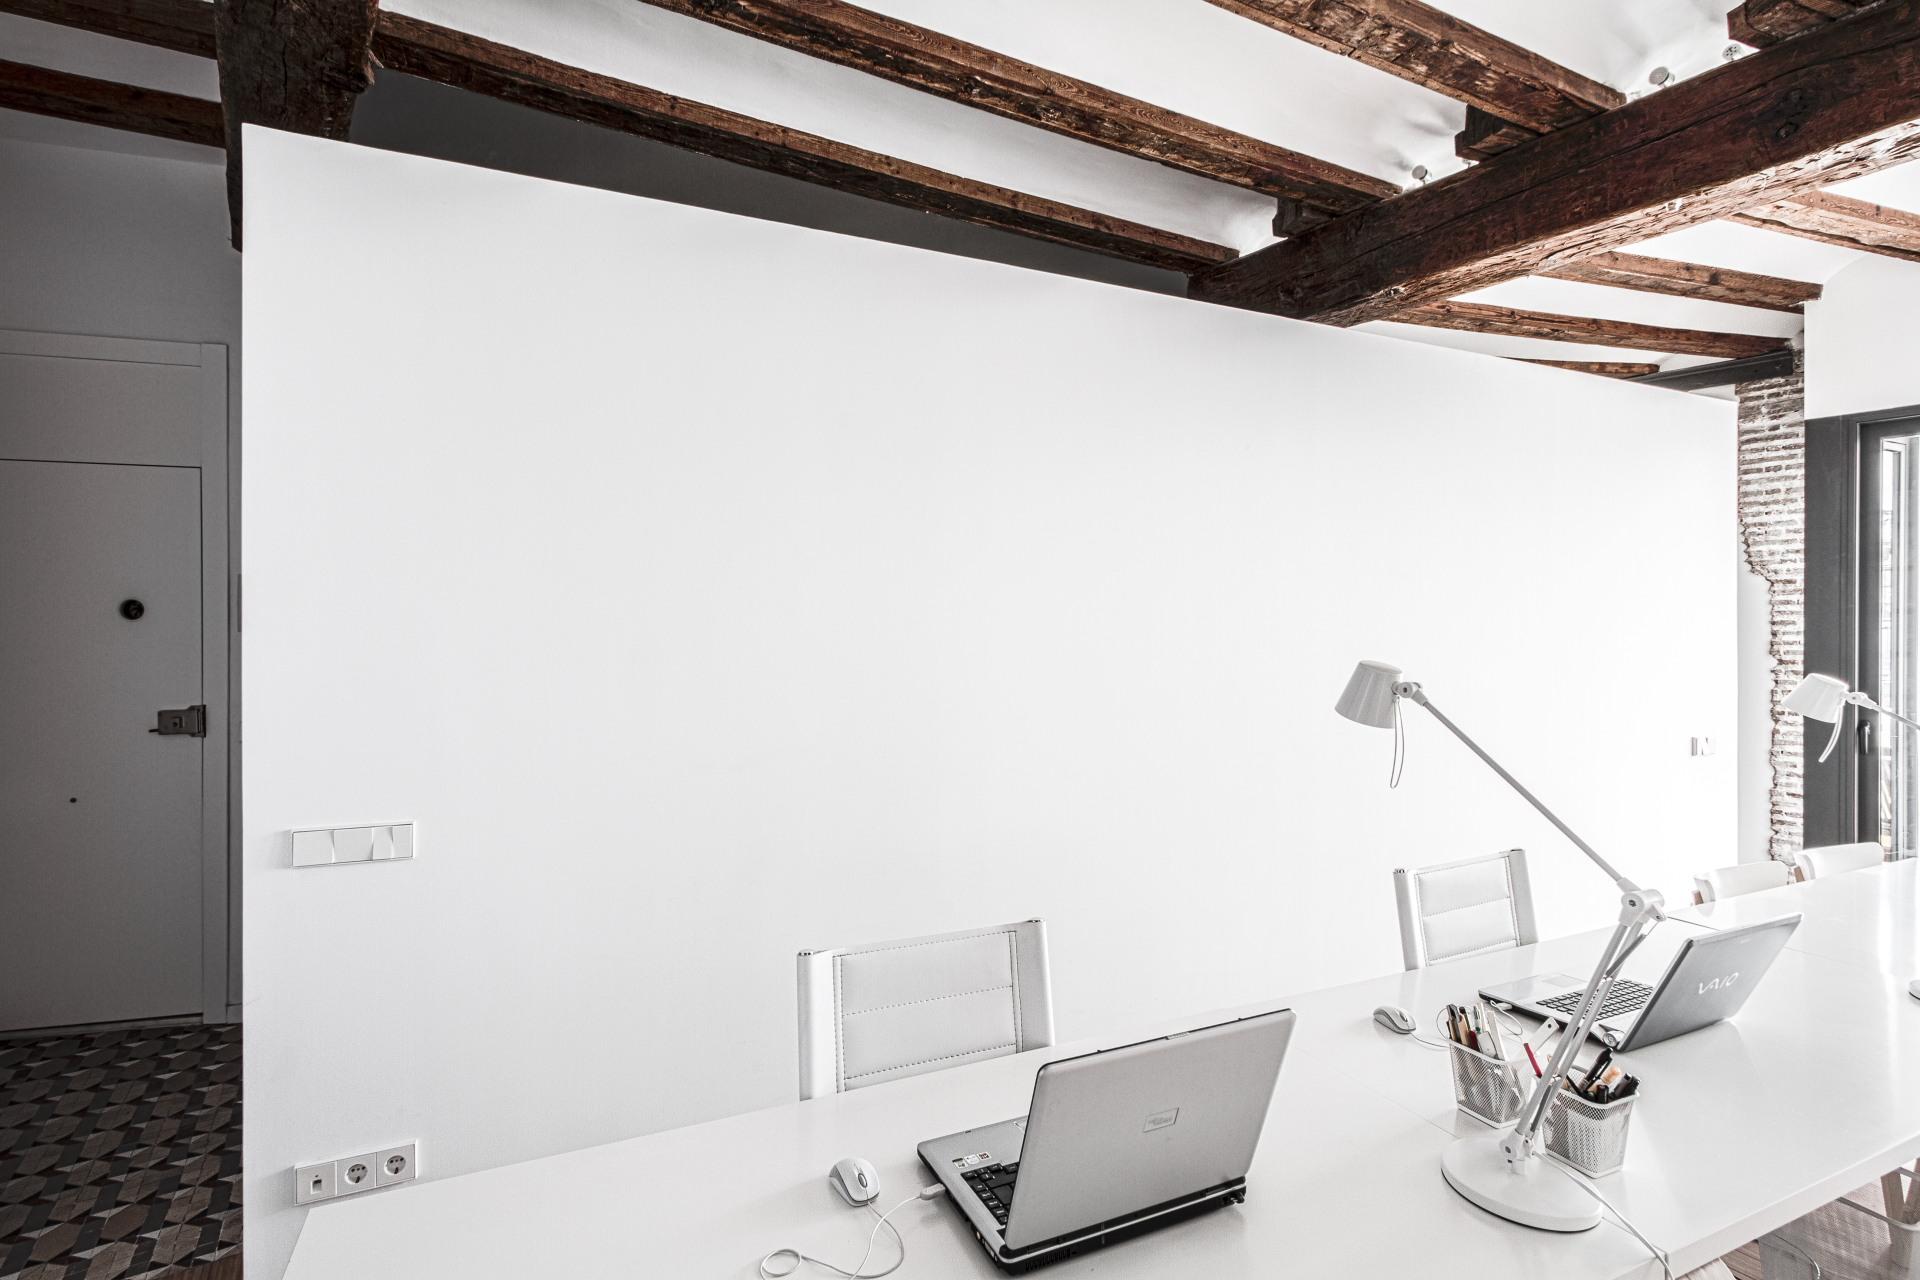 fotografia-arquitectura-valencia-german-cabo-versea-estudio (13)